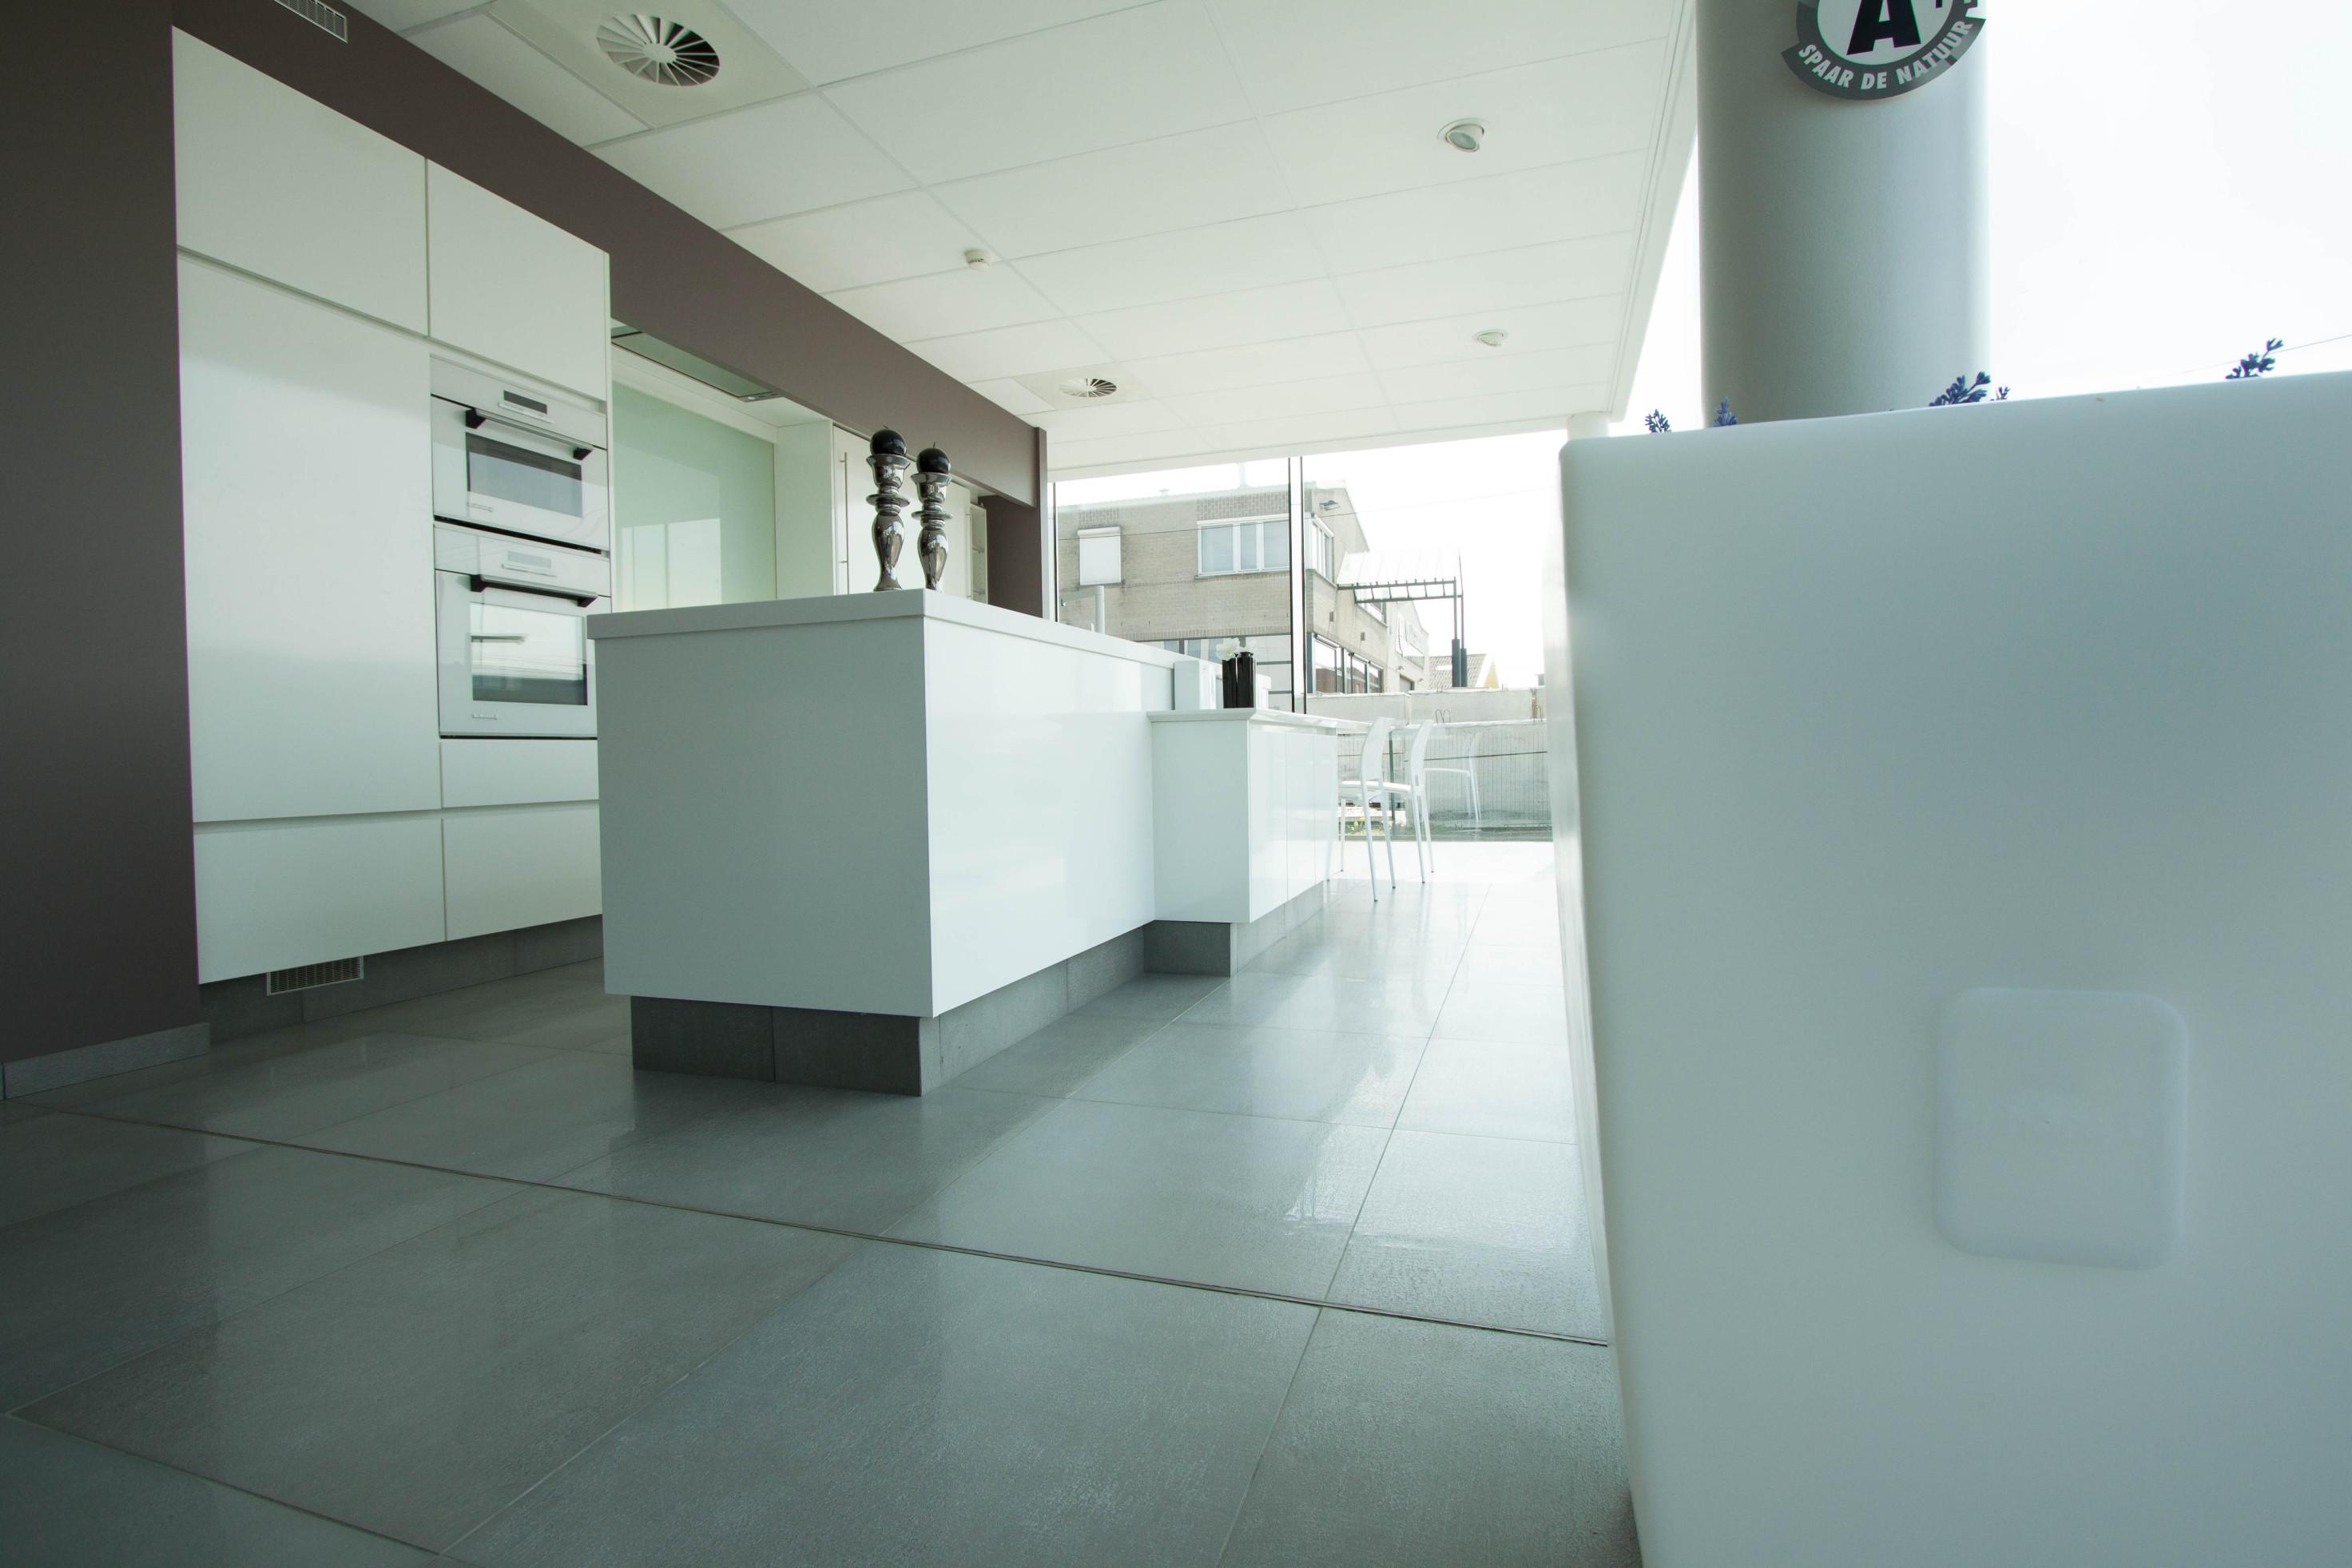 Keukens Vervan_Ledegem_toonzaal_burelen_atelier (34)